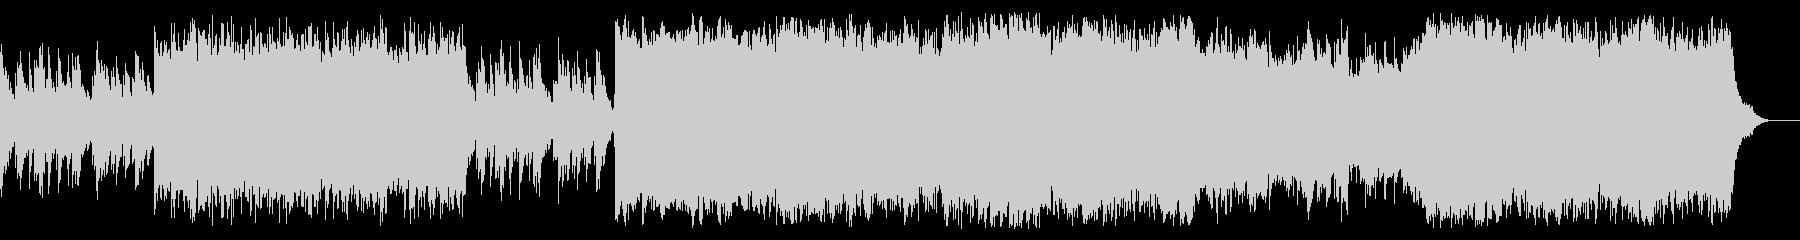 スケール感 格調 エンディング タイトルの未再生の波形